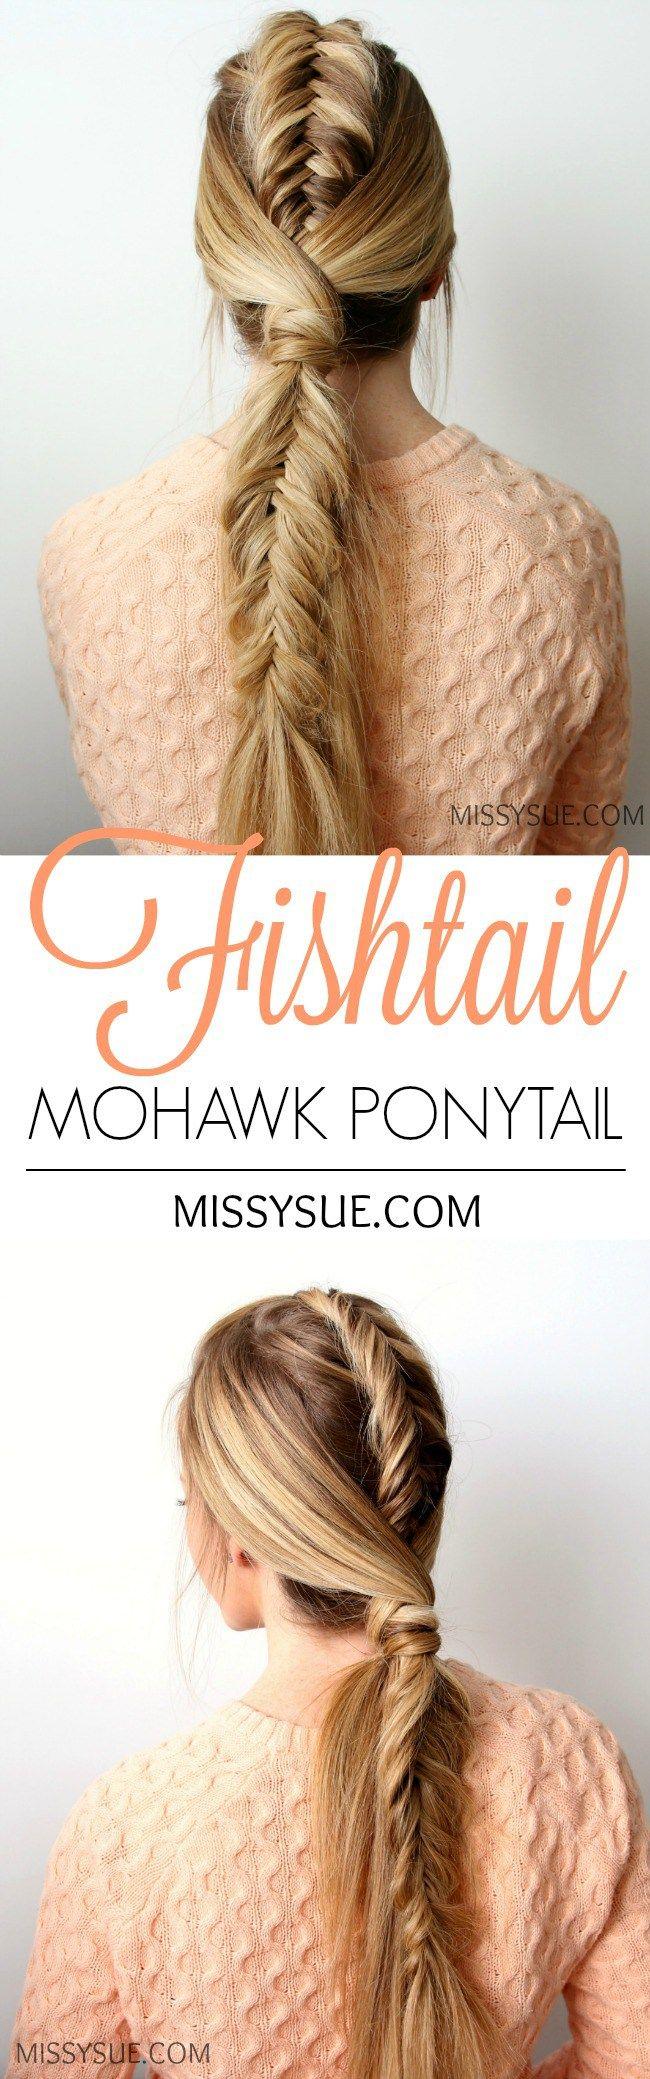 Fishtail mohawk ponytail pferde pinterest